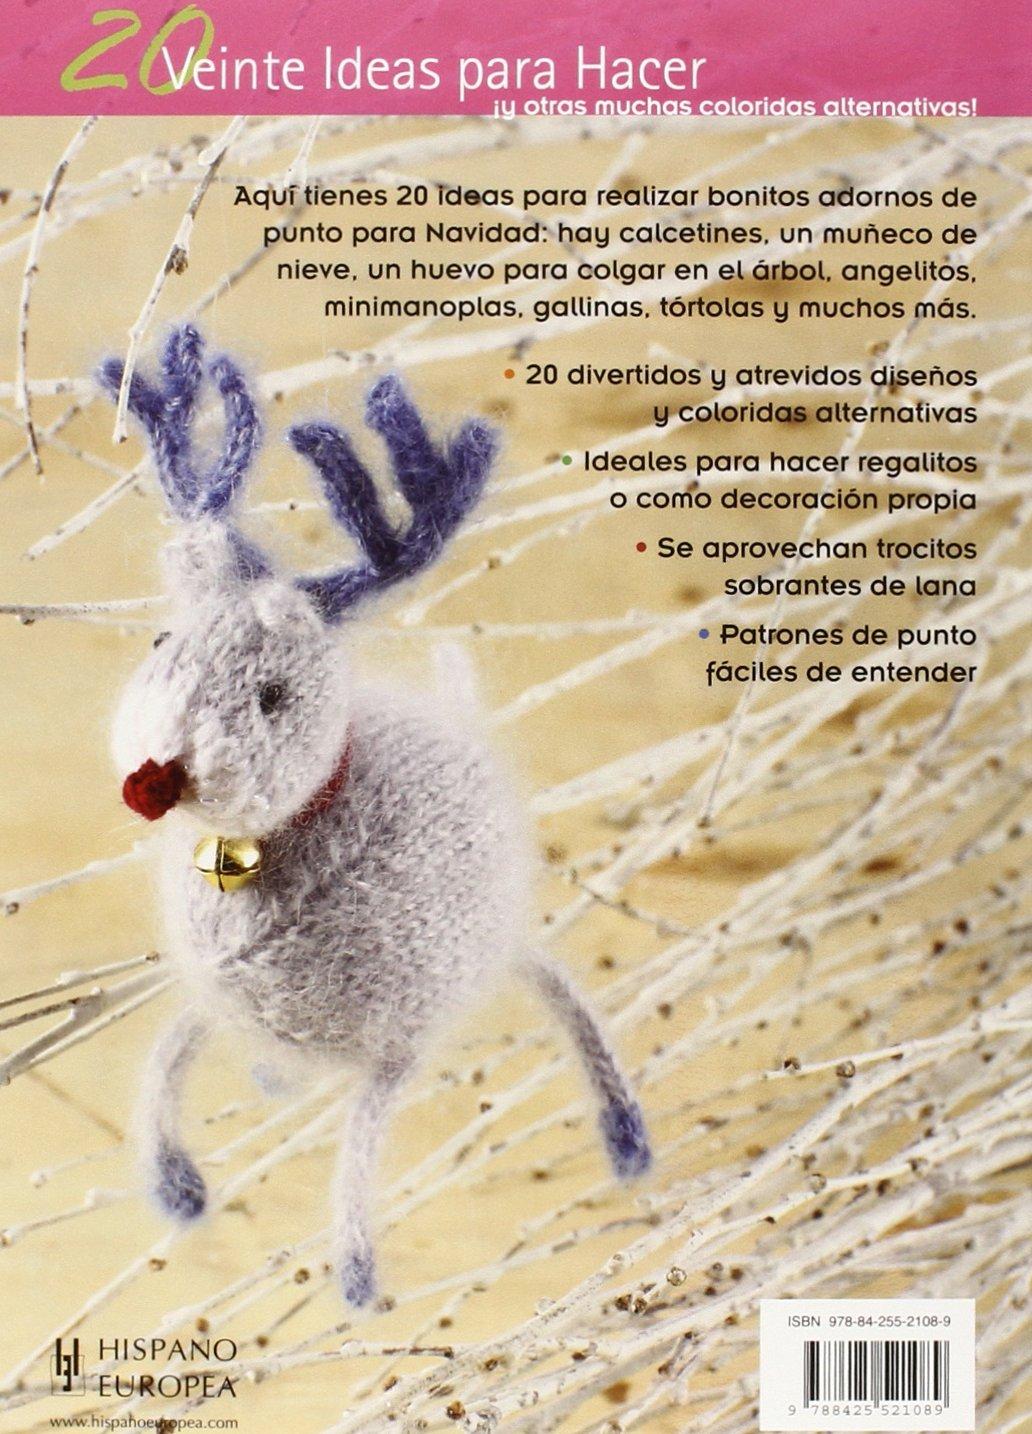 ADORNOS NAVIDE?OS DE PUNTO - 20 IDEAS PARA HACER: STRATFORD(521089): 9788425521089: Amazon.com: Books